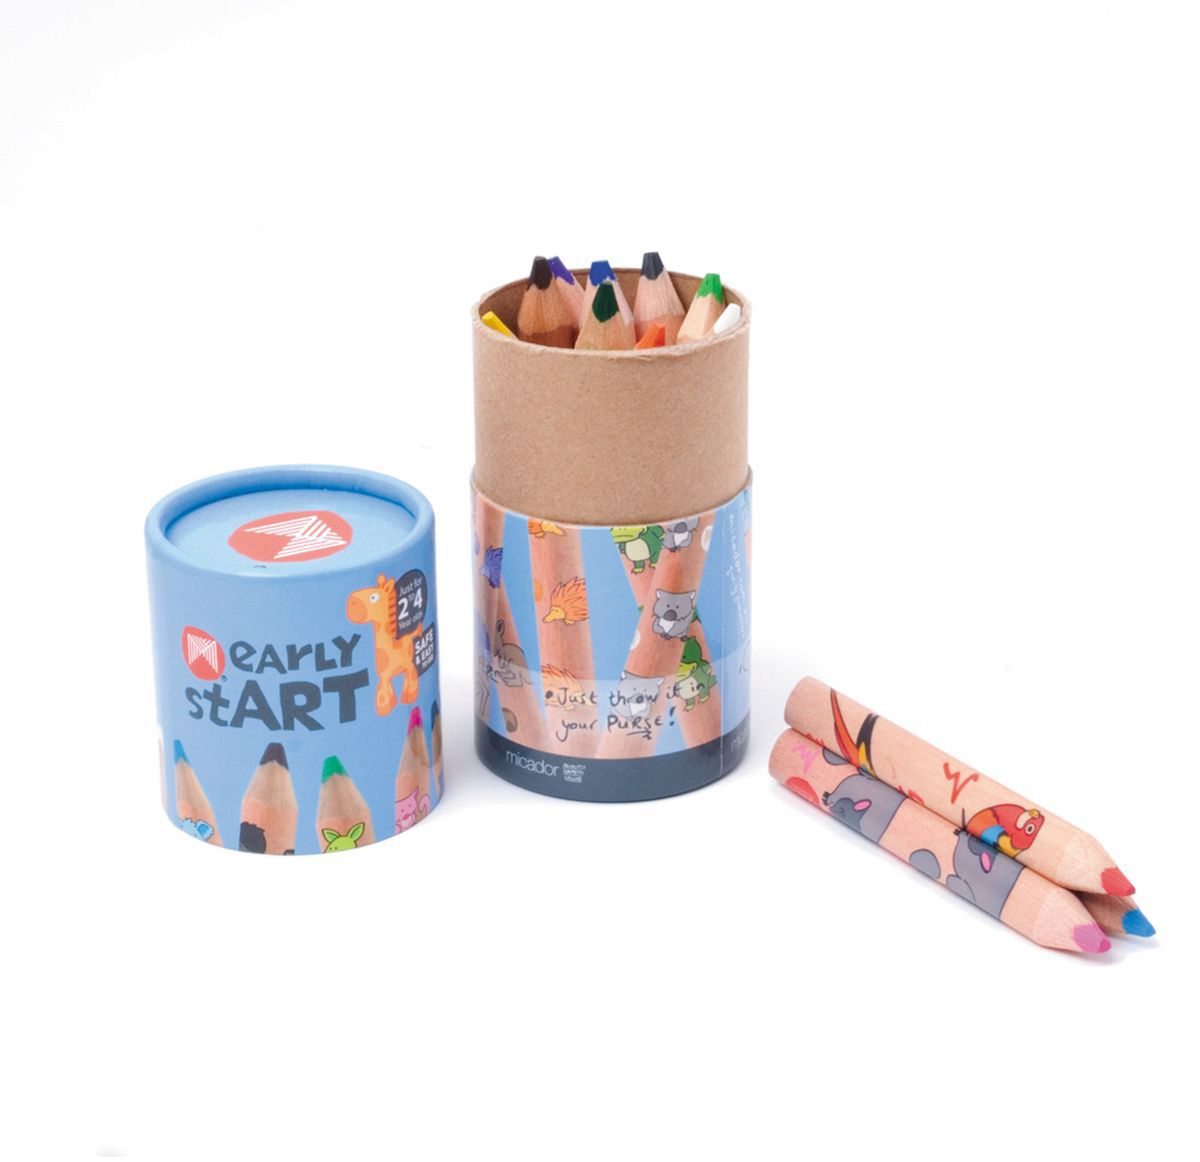 Micador Цветные карандаши 12 цветовESJP12Многообразие ярких и насыщенных цветов, которые не оставят равнодушным ни одного ребенка. Благодаря высокому качеству древесной оболочки, обеспечивается ровное и гладкое затачивание что исключает покупать все новые и новые карандаши. Грифель имеет больший диаметр, чем обычно, что позволит не так часто затачивать карандаши, а так же позволяет намного быстрее и без дополнительных усилий разукрашивать большие рисунки. Карандаши не крошатся при рисовании, не трескаются при падении, легко затачиваются.Очень прочные треугольные карандаши специально для маленьких ручек, чтобы малыши учились правильно держать. Высококачественные пигменты обеспечивают яркость и мягкость письма на любой бумаге. Карандаши упакованы в коробочку цилиндрической формы, в которой их очень удобно брать с собой и рисовать, где захочется.